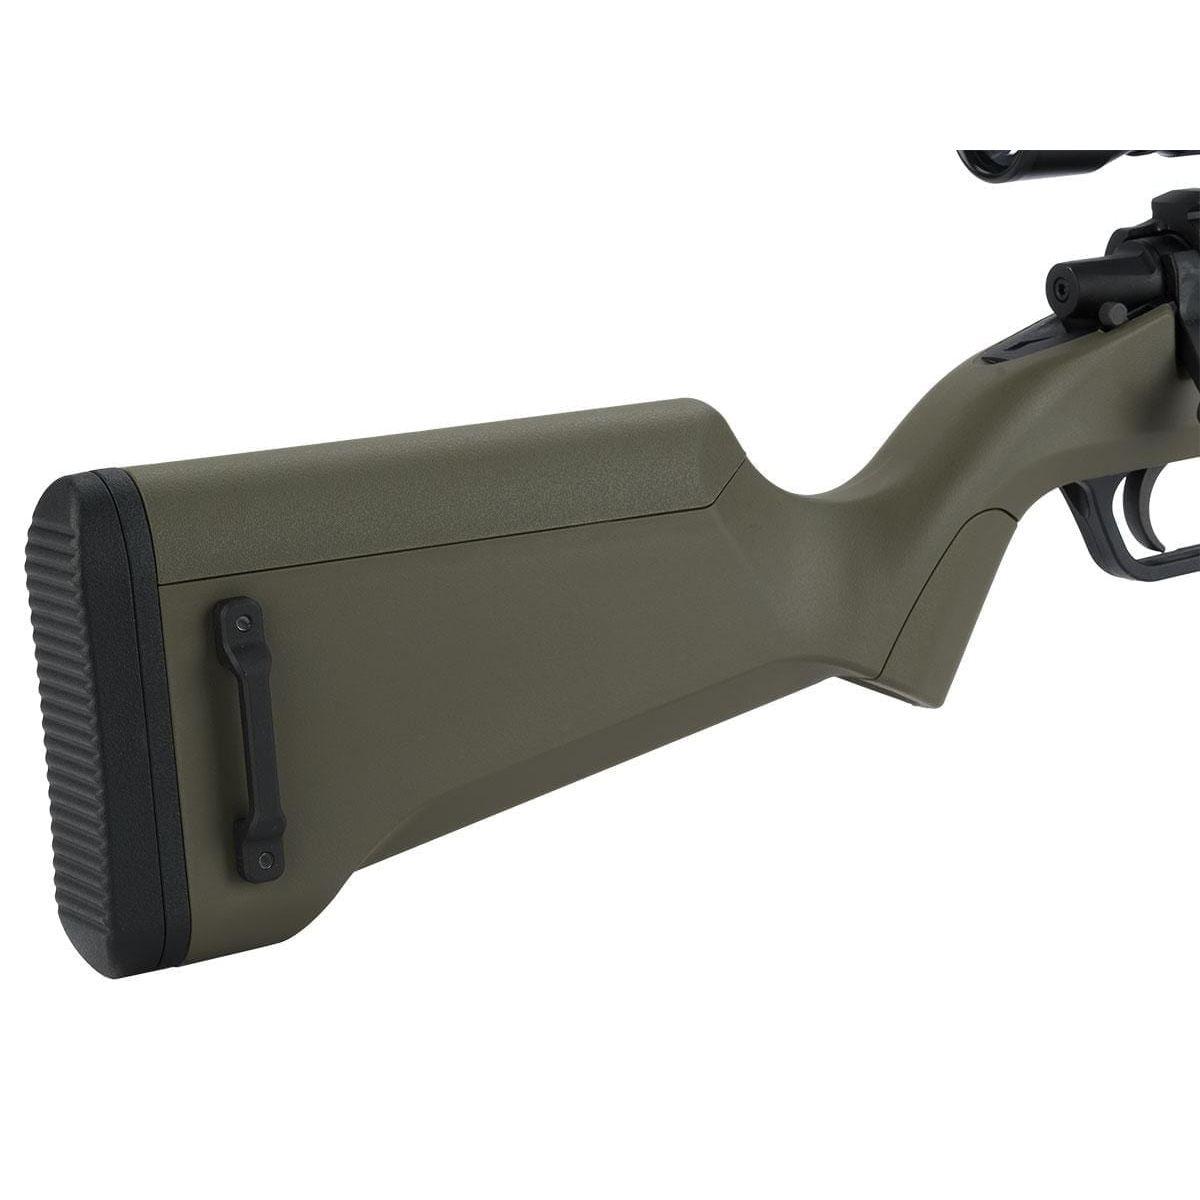 S1 Gen2 Bolt Action Sniper Rifle rear